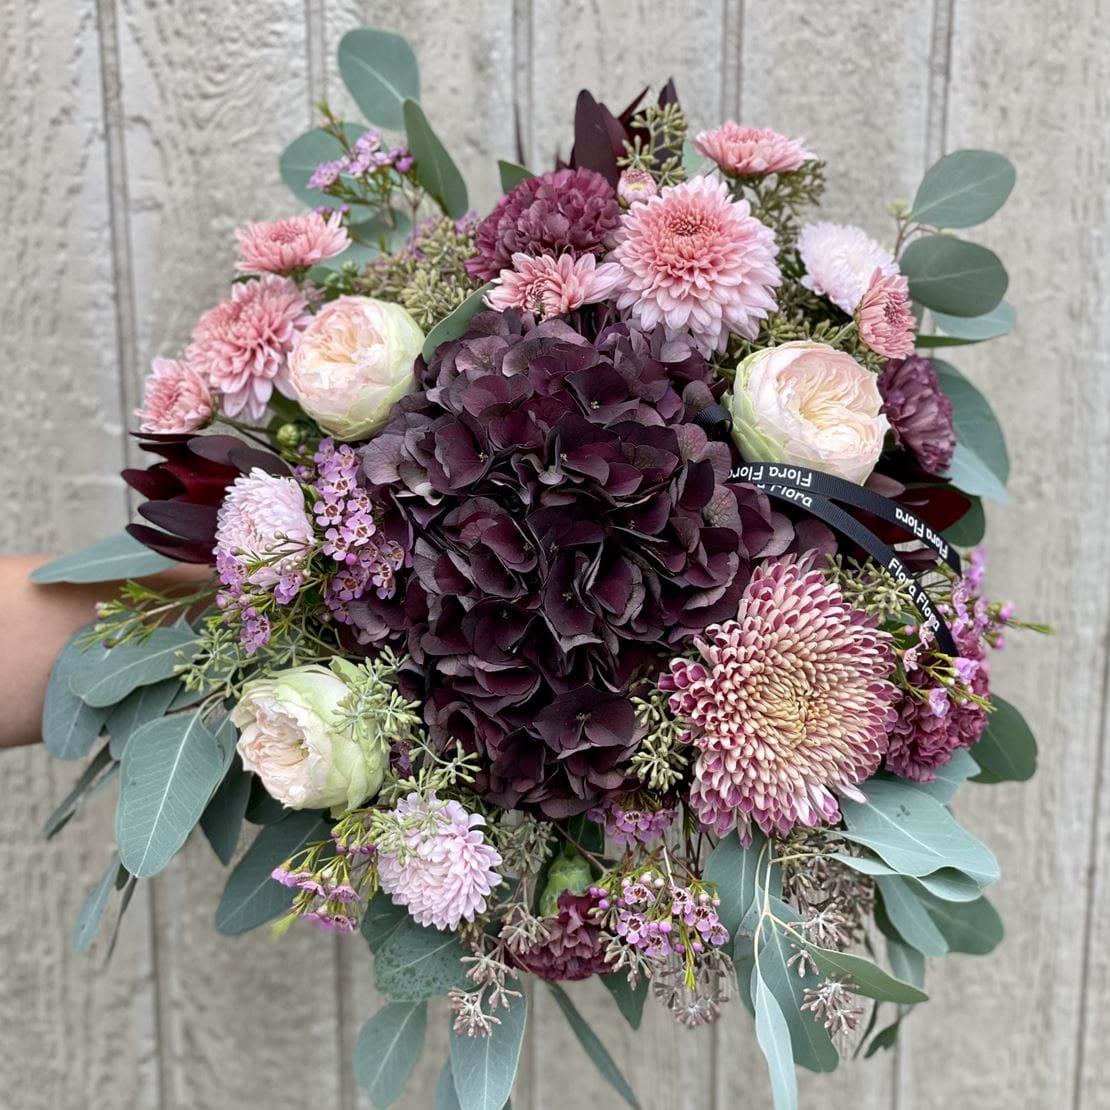 Billede af blomsterbuket